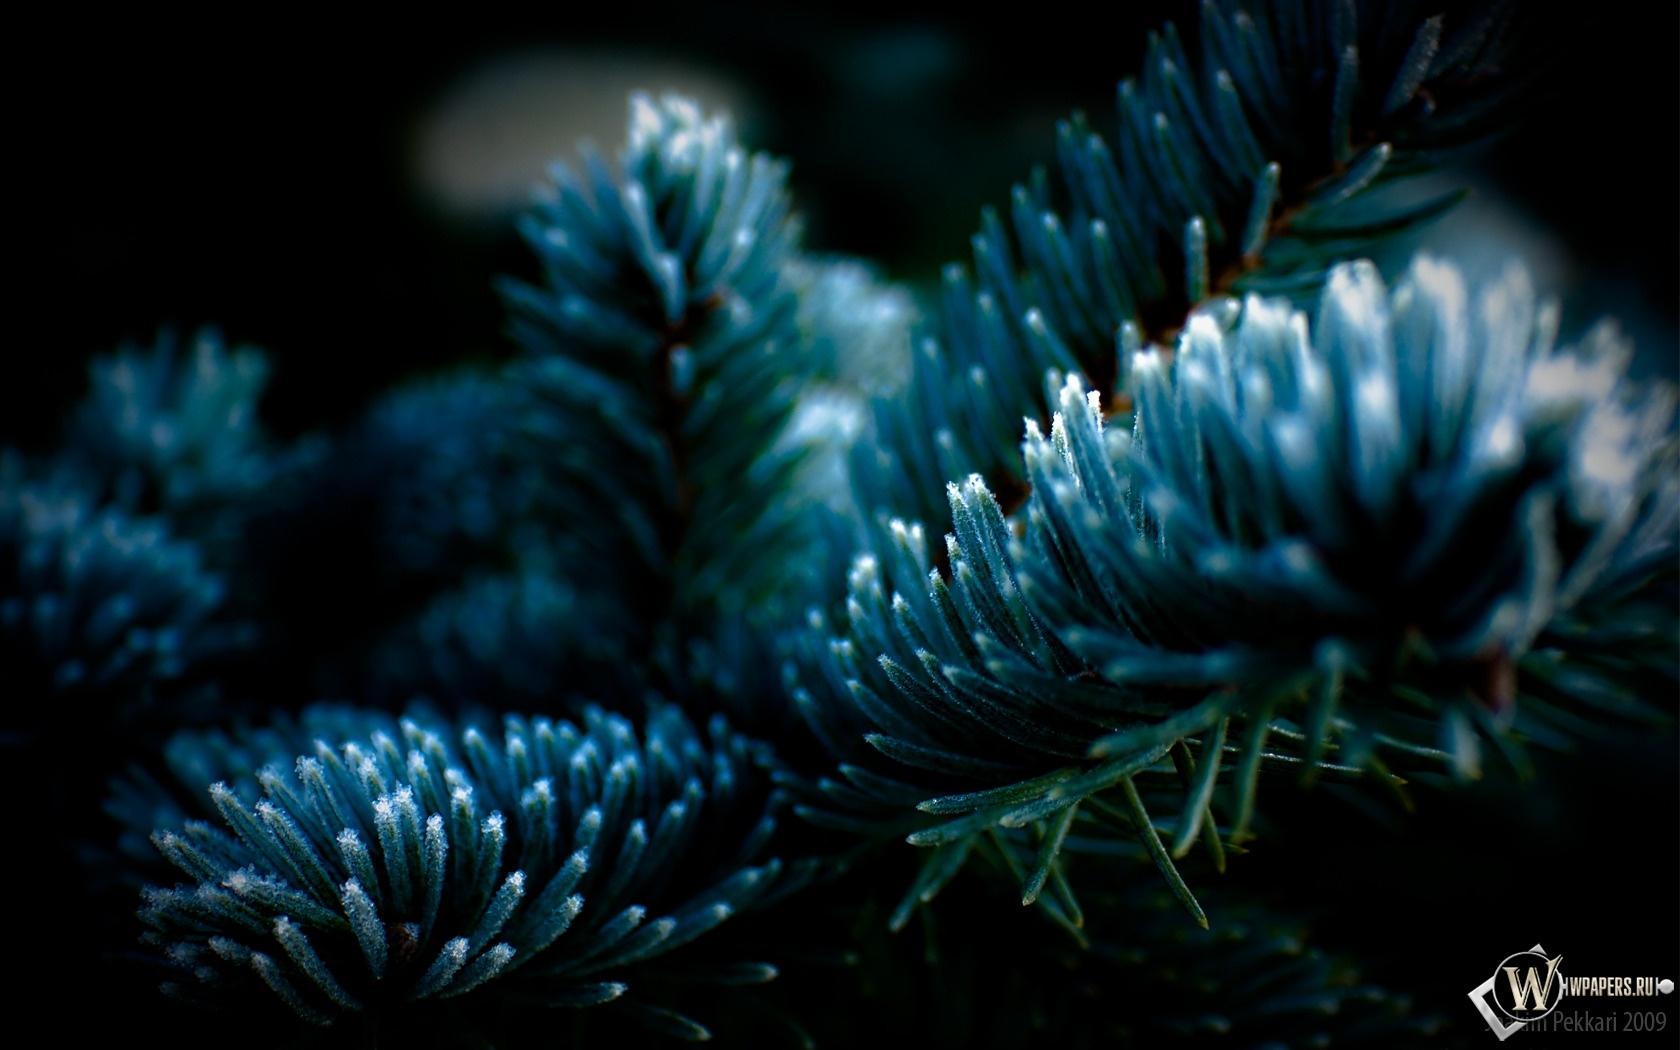 Голубая ель 1680x1050